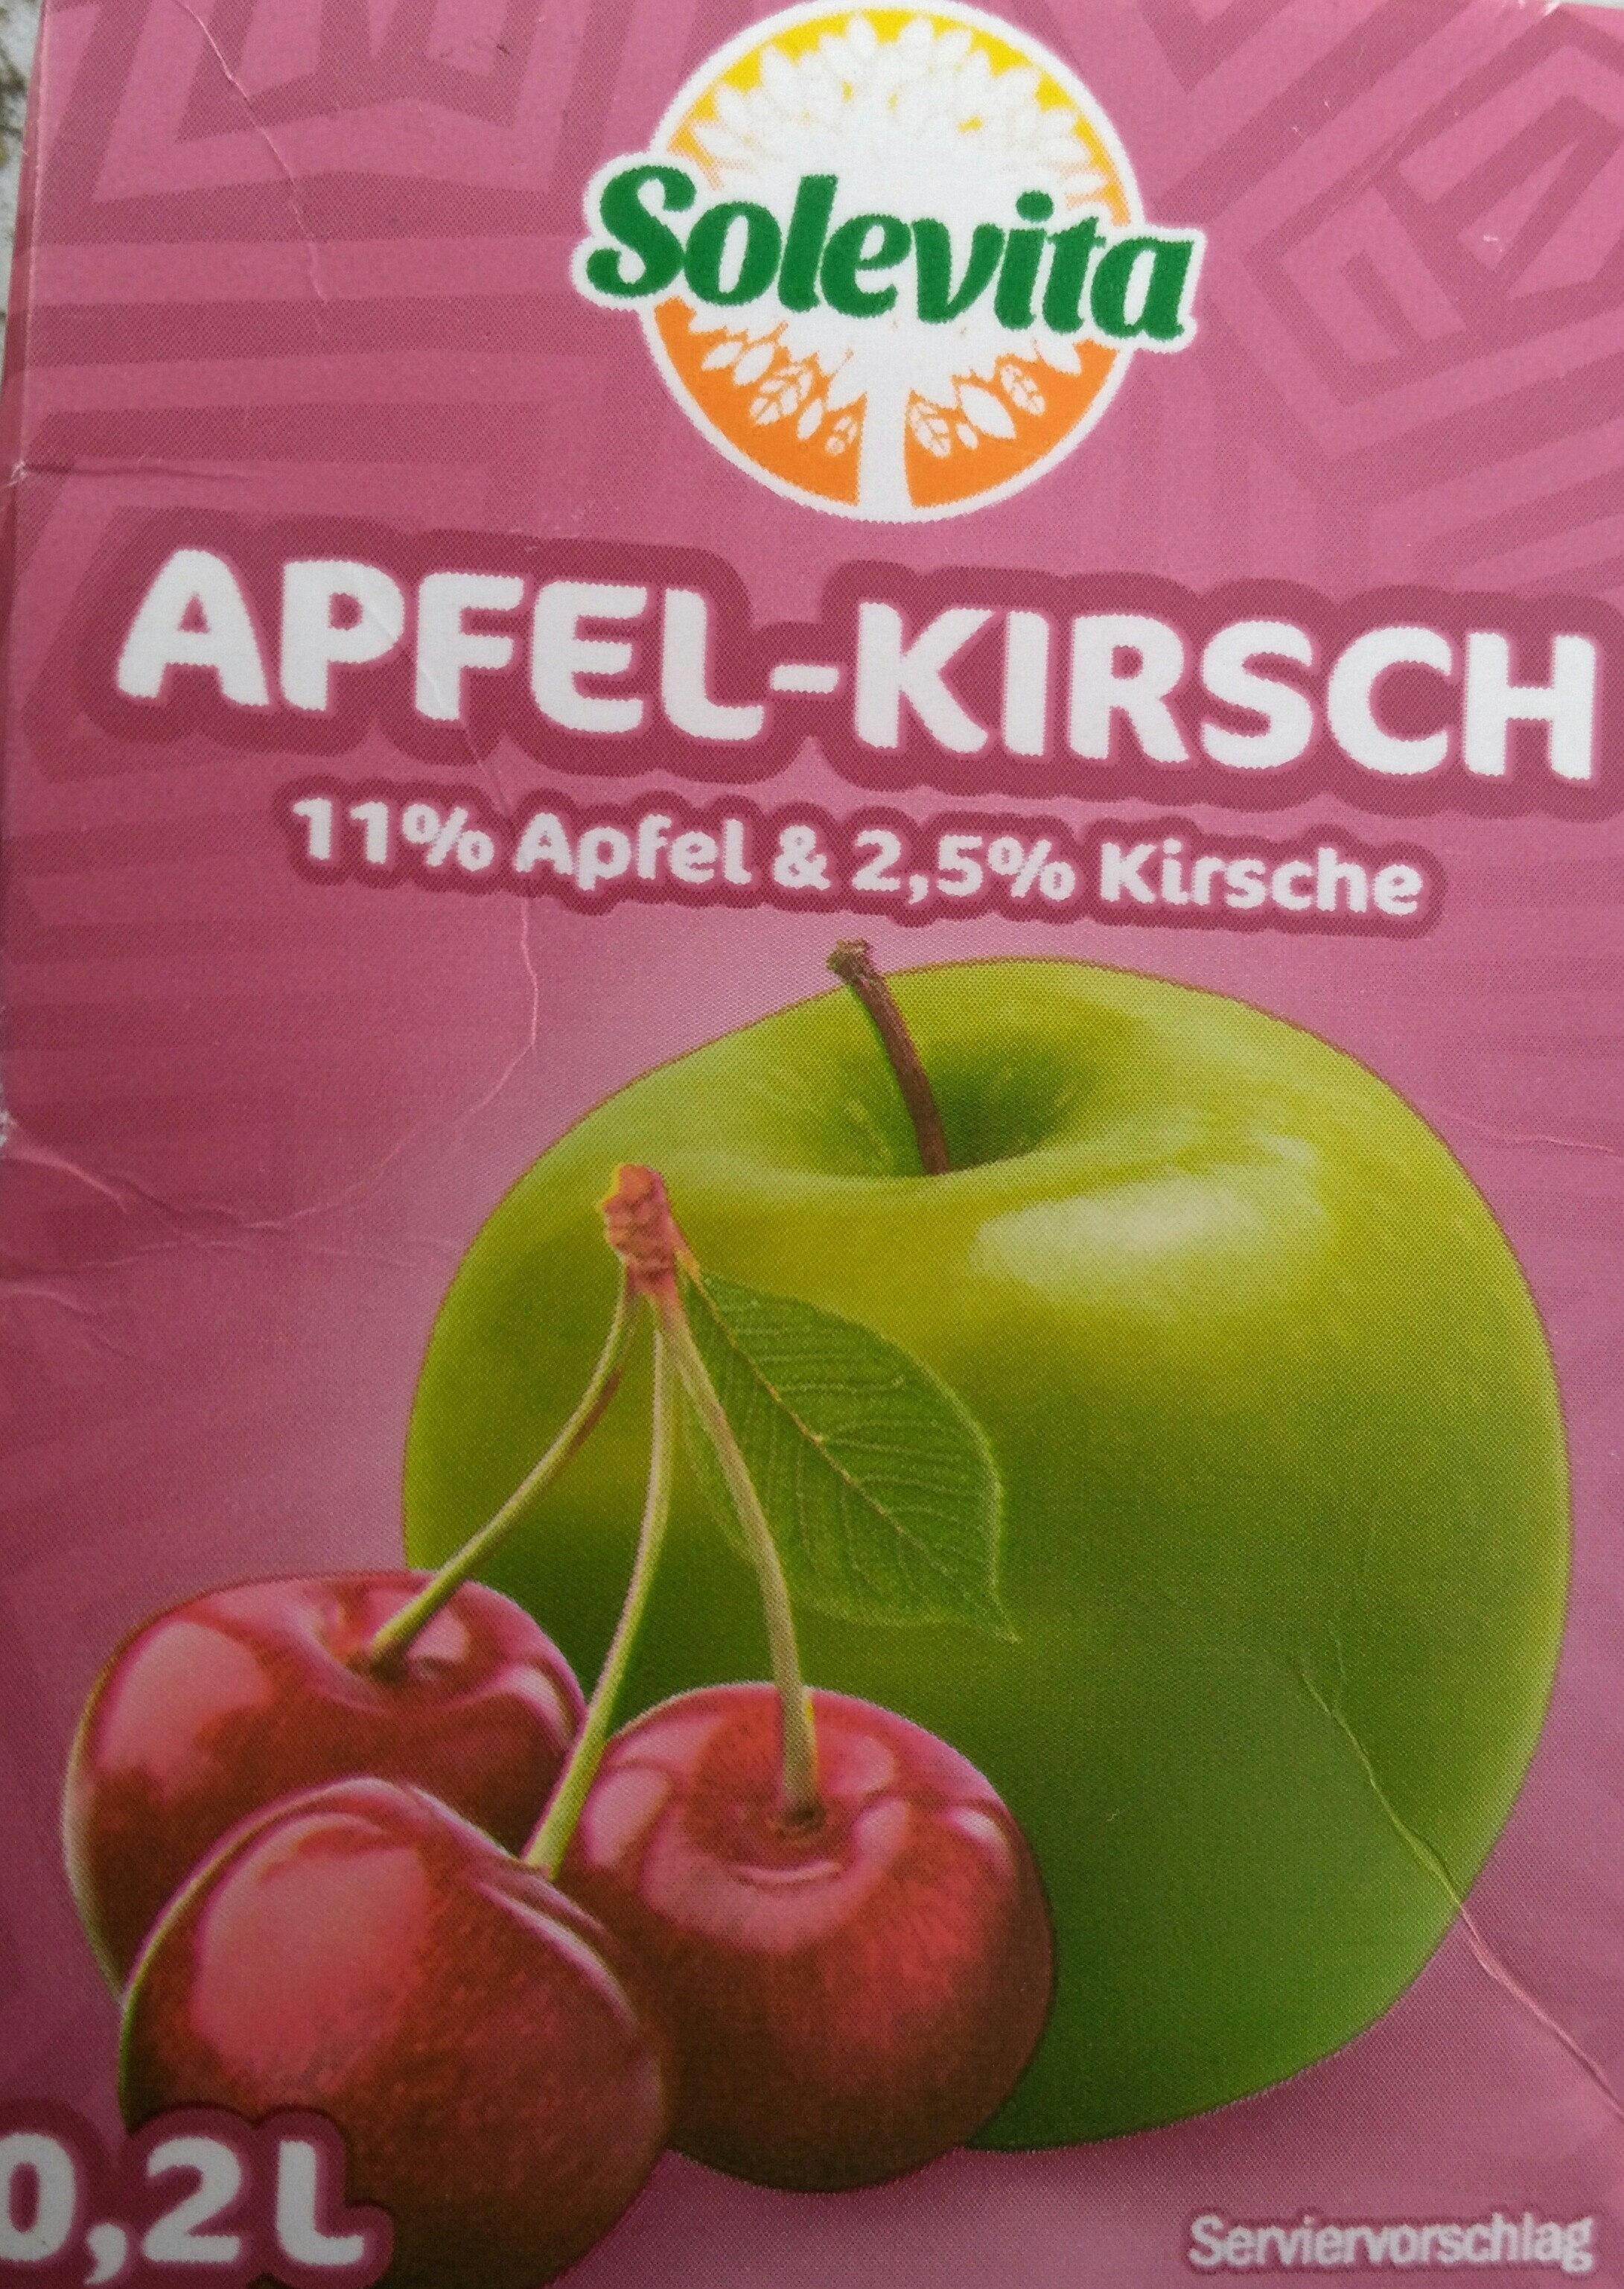 Apfel-Kirsch - Product